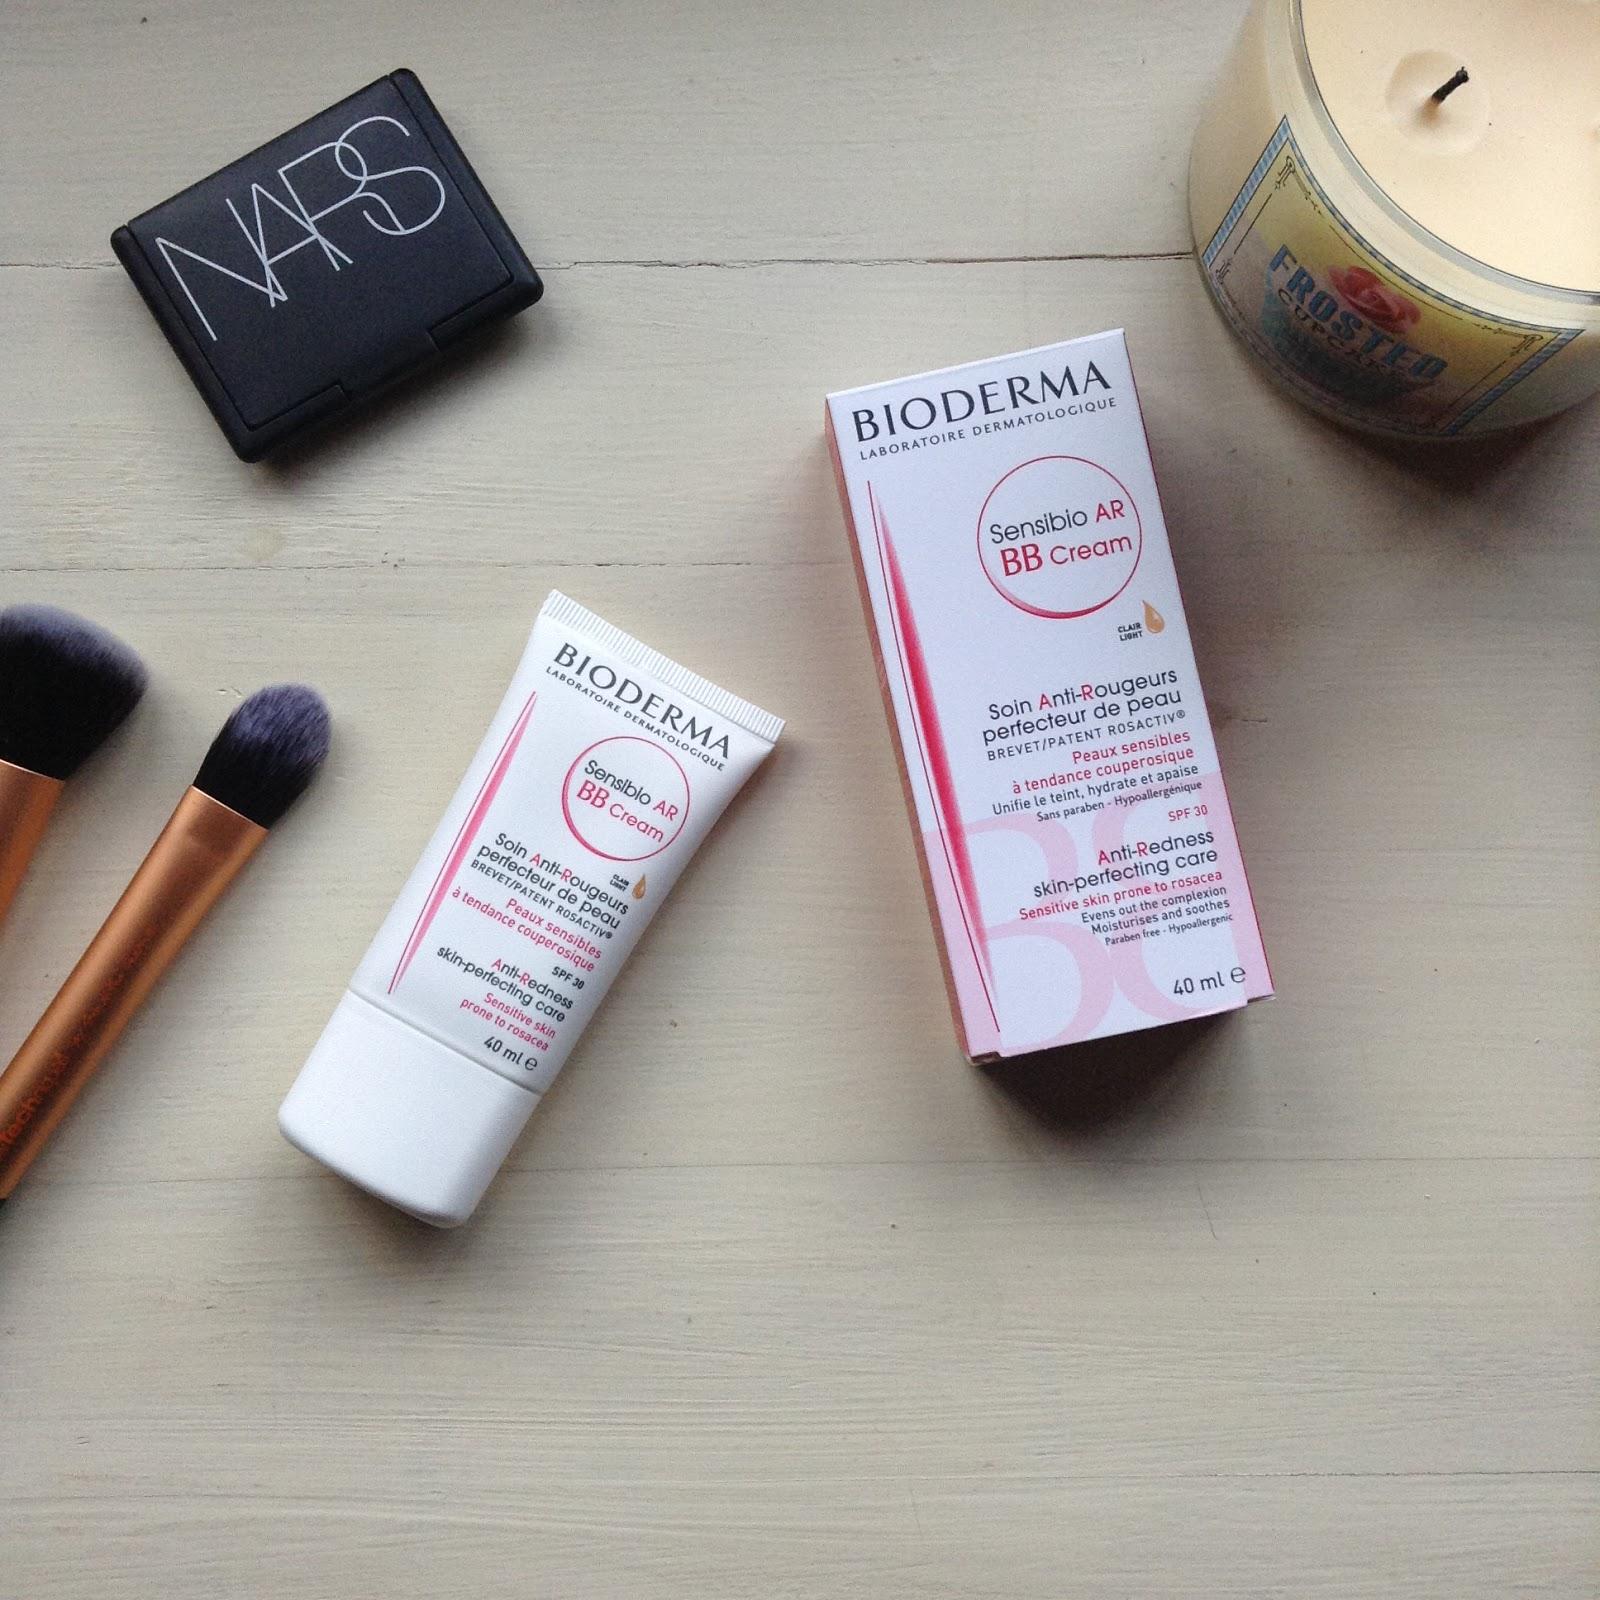 Sensibio AR BB Cream de Bioderma, la BB Cream ideal para pieles con rosácea : Stardoll Estudio: Blog de belleza y moda Argentina